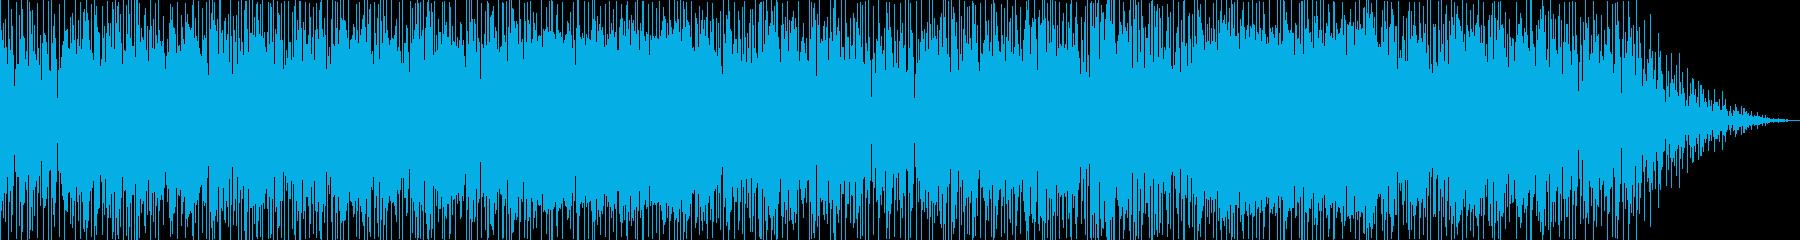 ファンキーで爽やかなハネ系リズムのポップの再生済みの波形